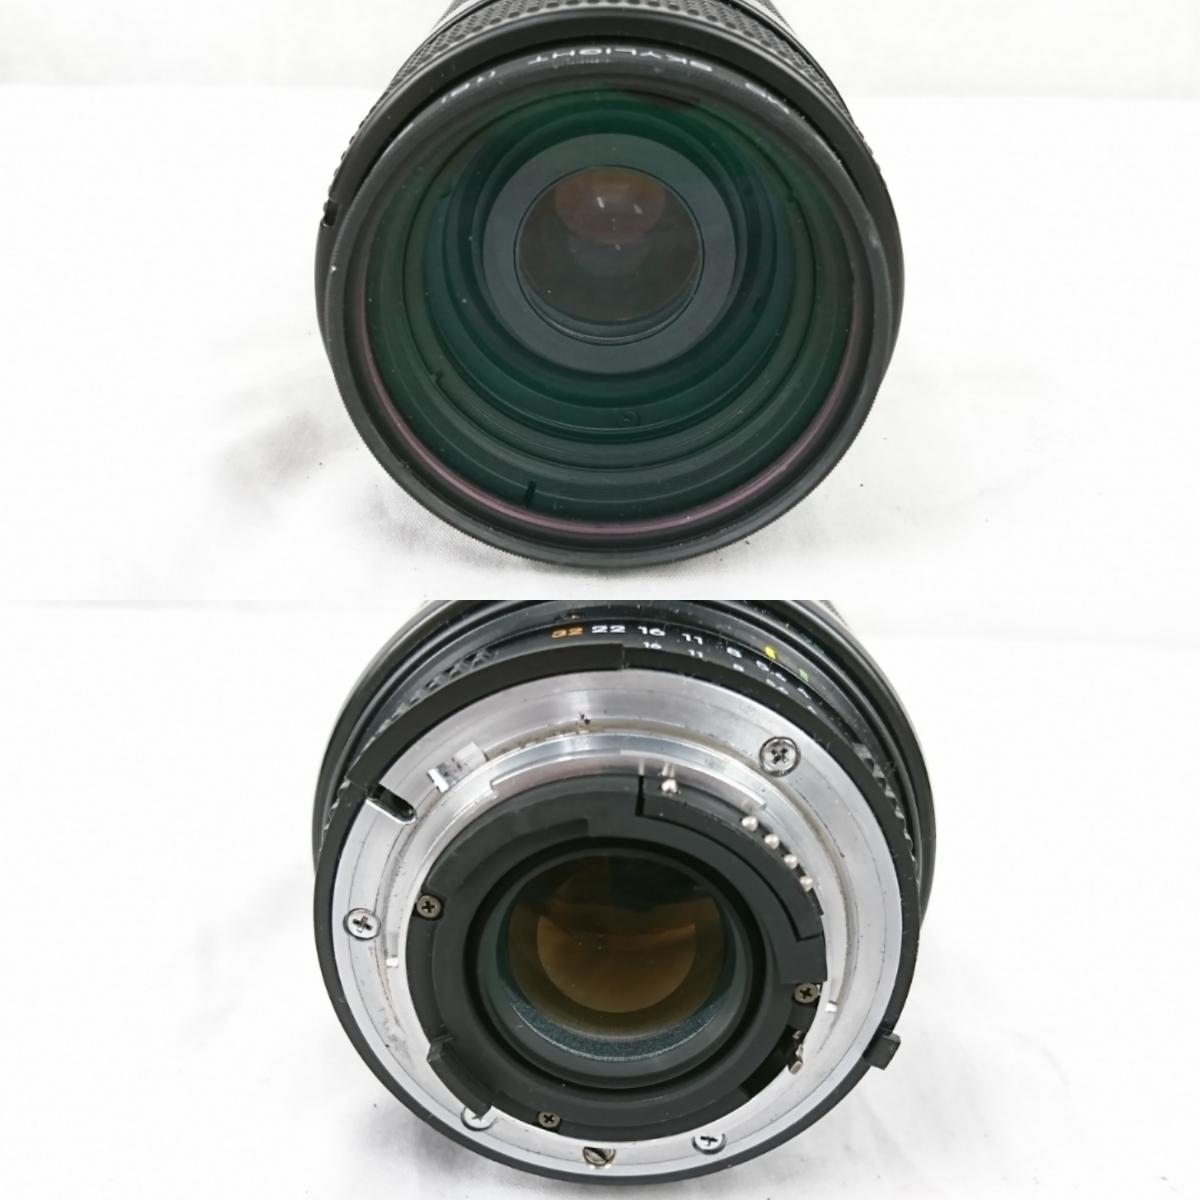 【GK-203】 Nikon ニコン カメラ F4 レンズ AF オートフォーカス Nikon ED AF NIKKOR 80-200mm AF NIKKOR 70-210mm NIKKOR 28-85mm_画像8